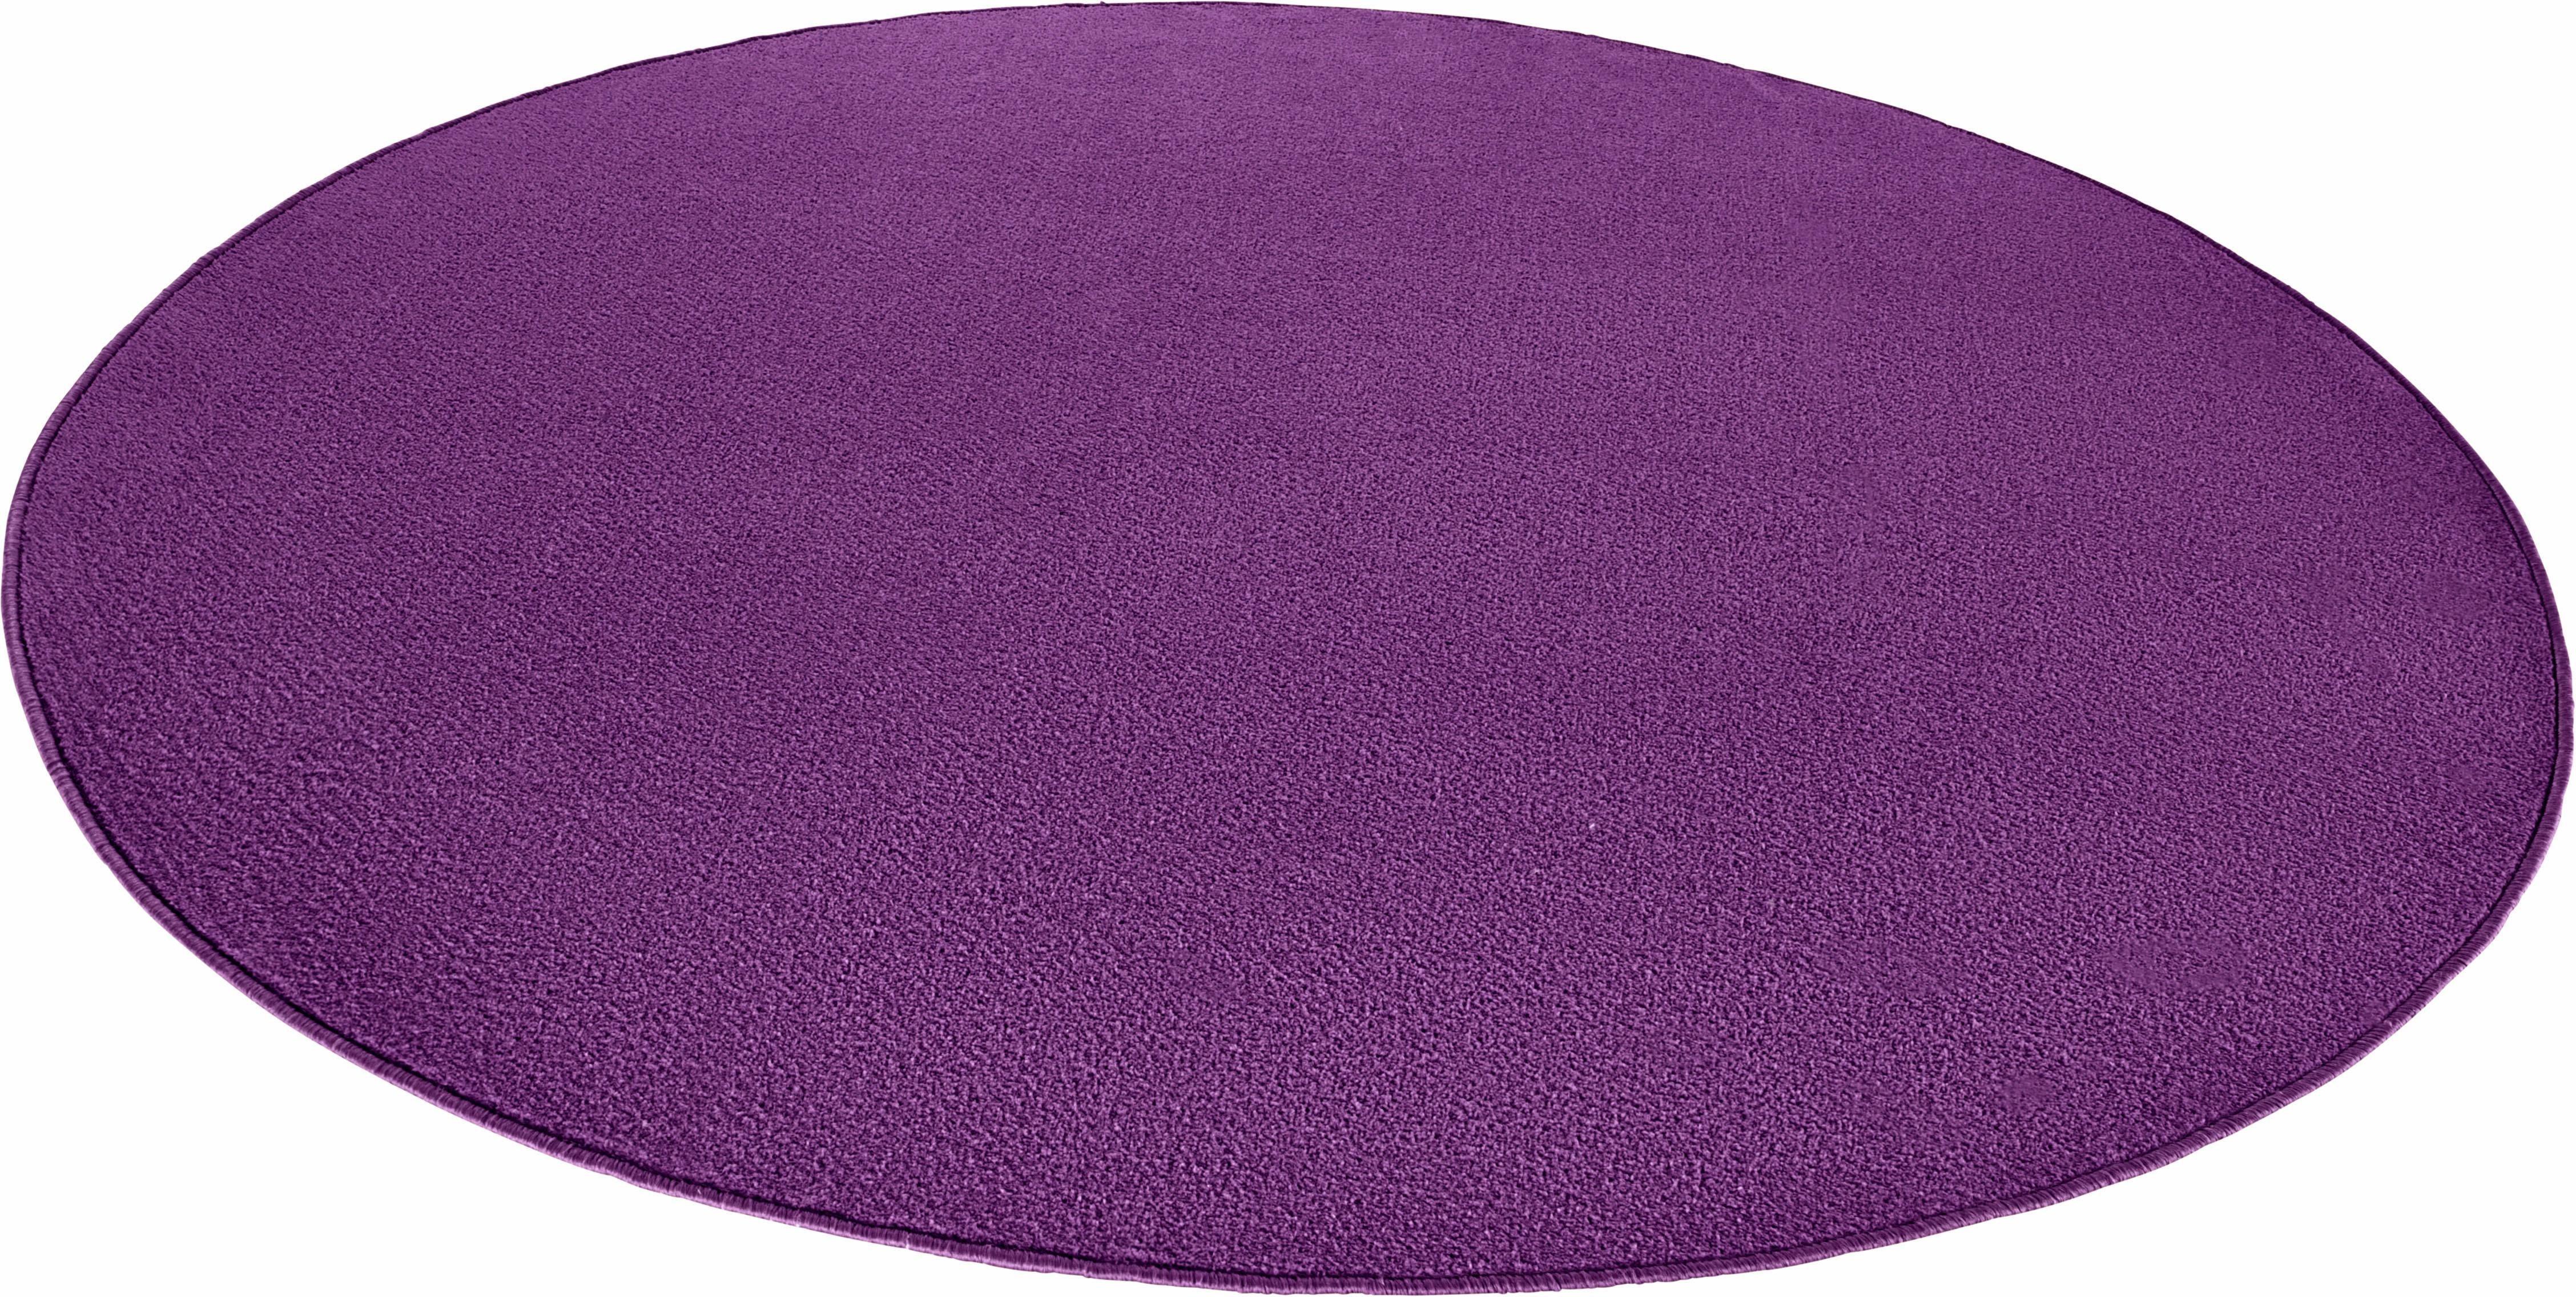 Teppich »Fancy«, , rund, Höhe 7 mm